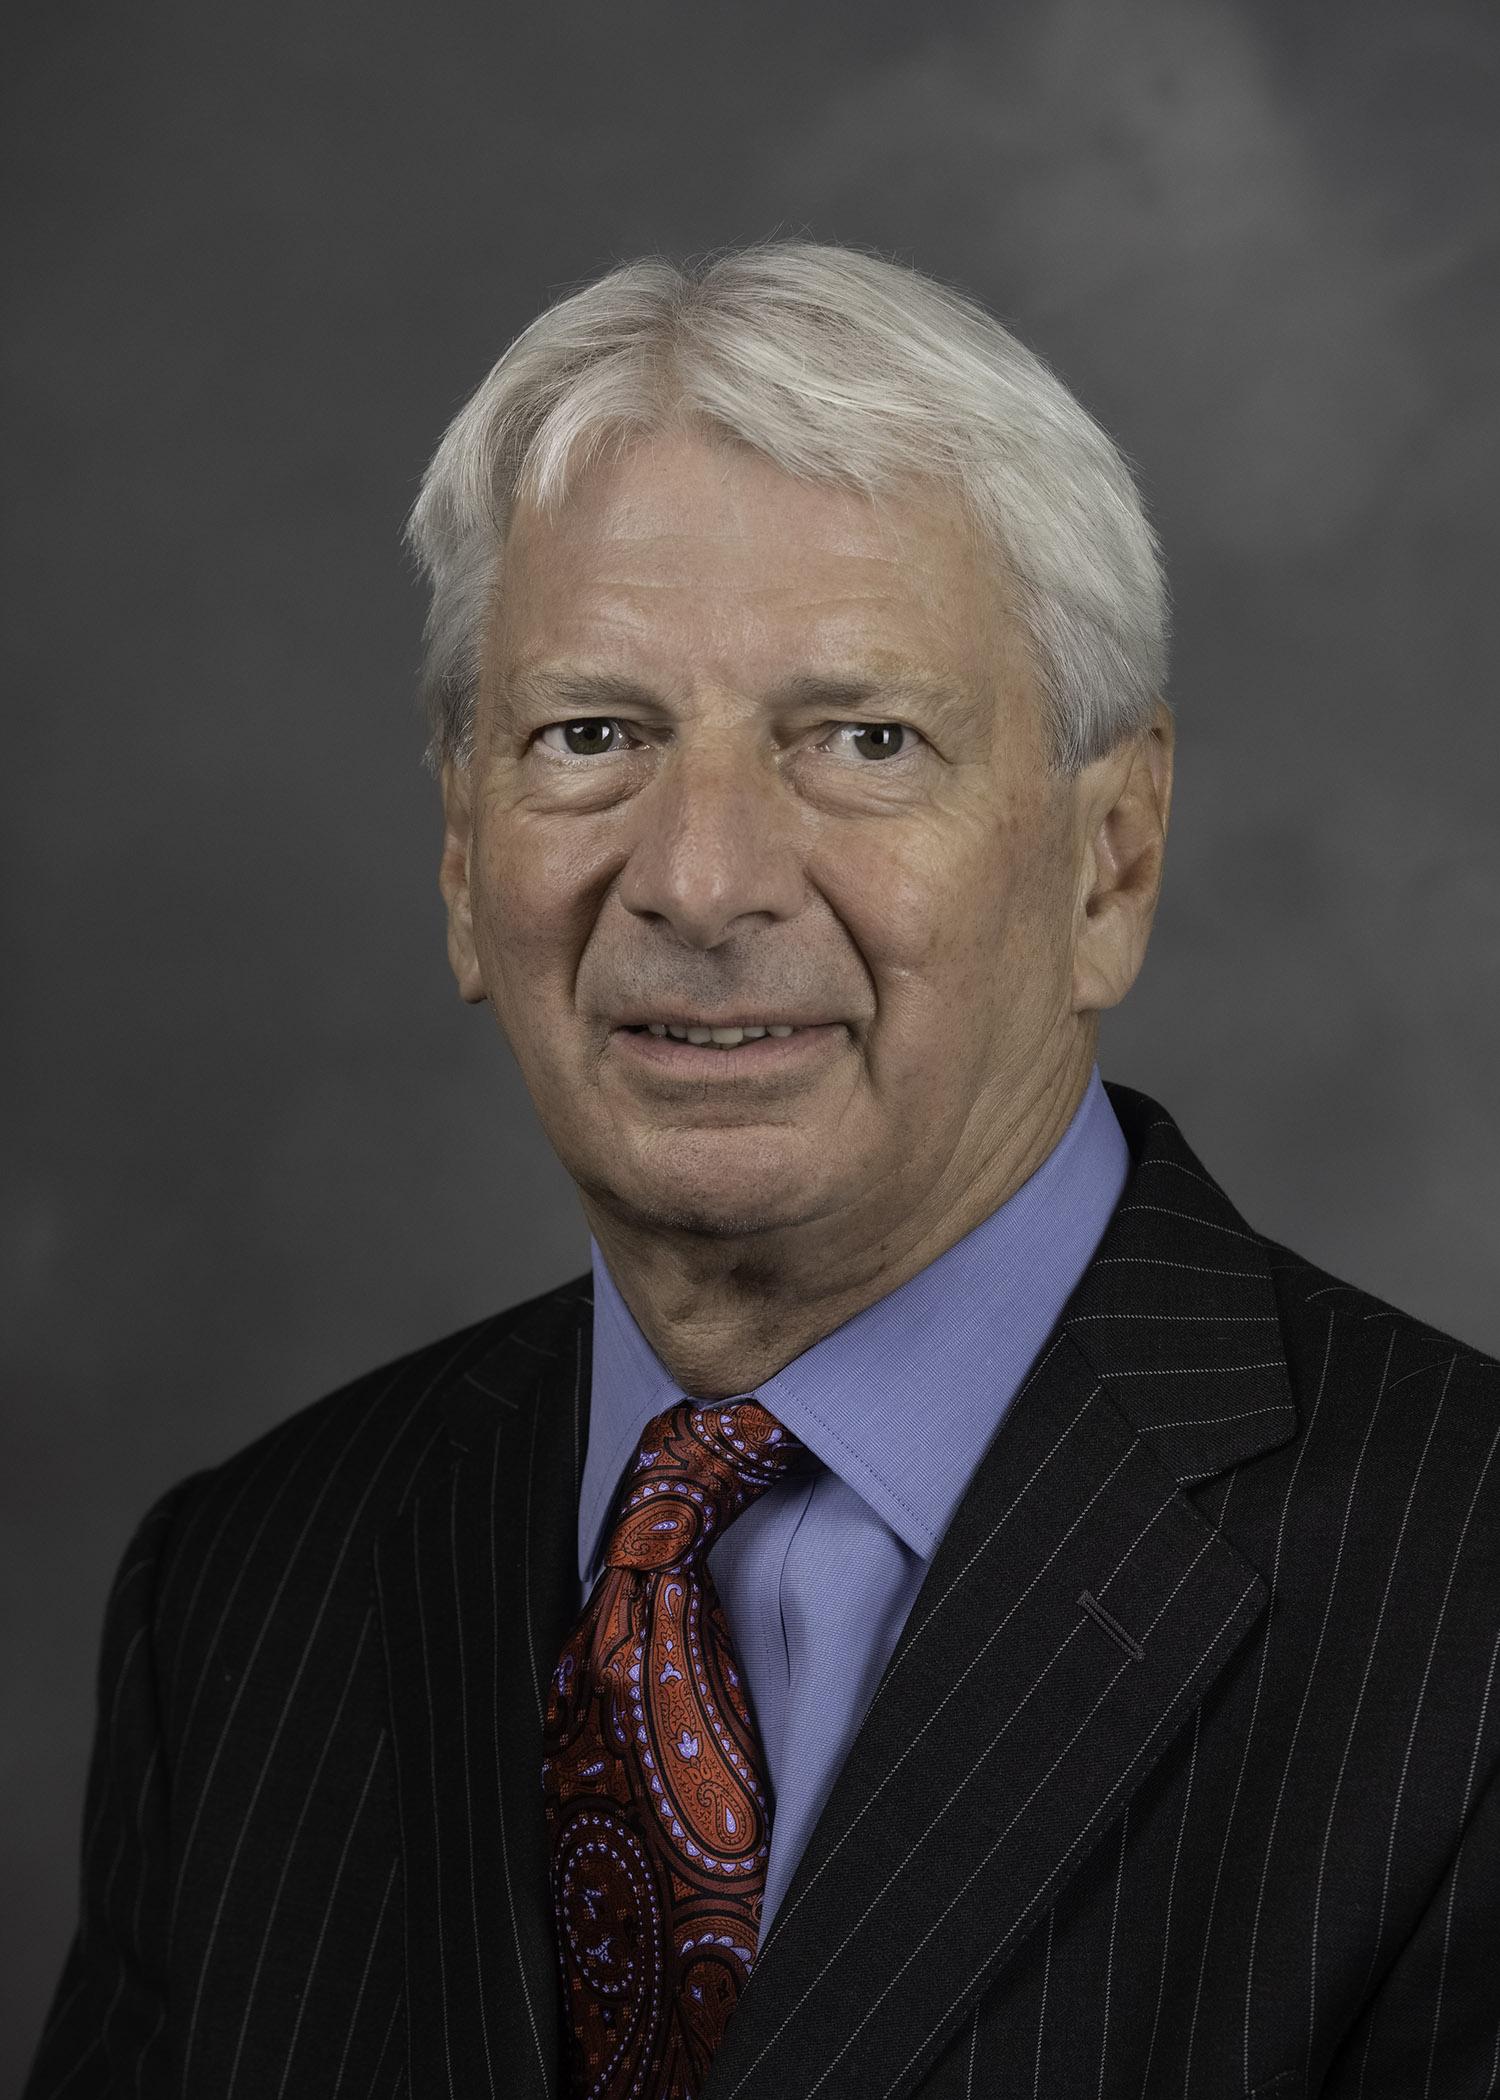 Barry Fetterman